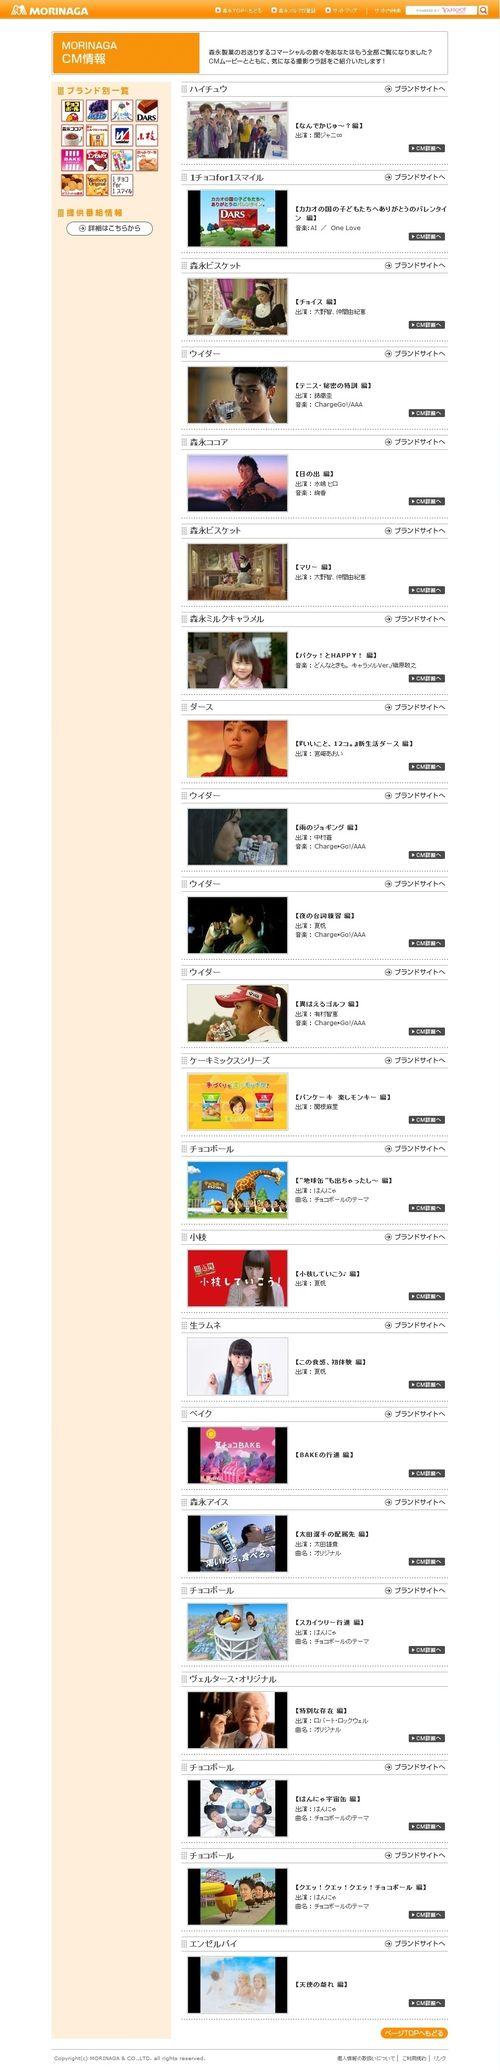 2011.12 PUB BISCUIT MORINAGA 02